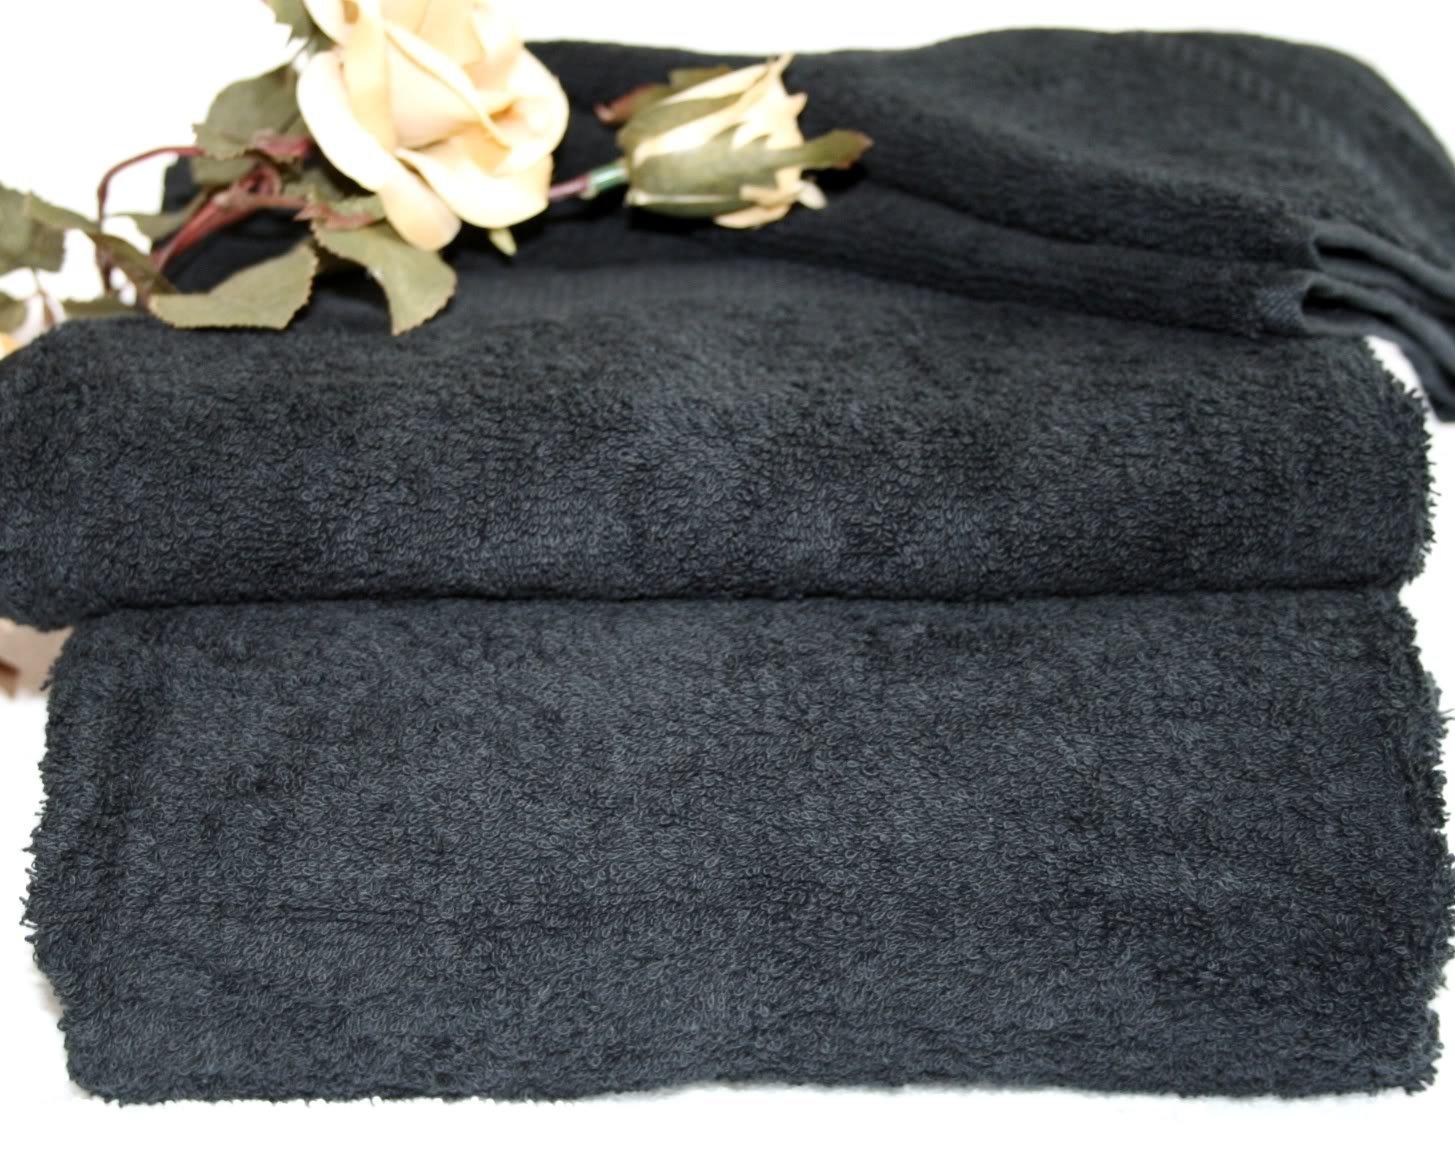 Homescapes Toalla Tocador en algodon, 500 m² de 30 x 30 cm color Negro   revisión y descripción más